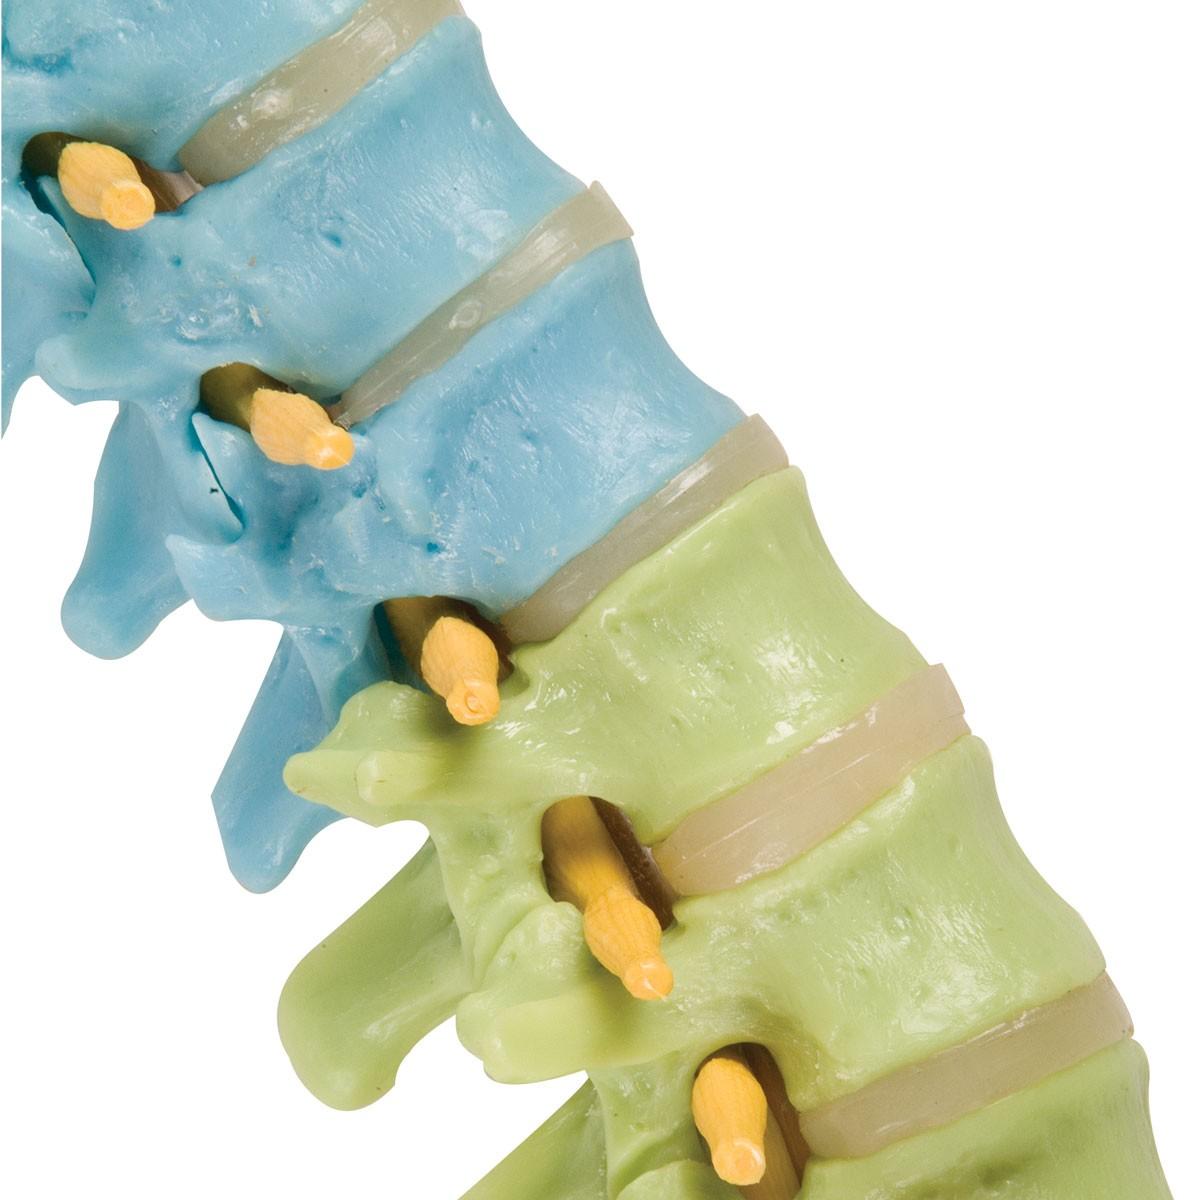 Didaktische flexible Wirbelsäule mit Oberschenkelstümpfen